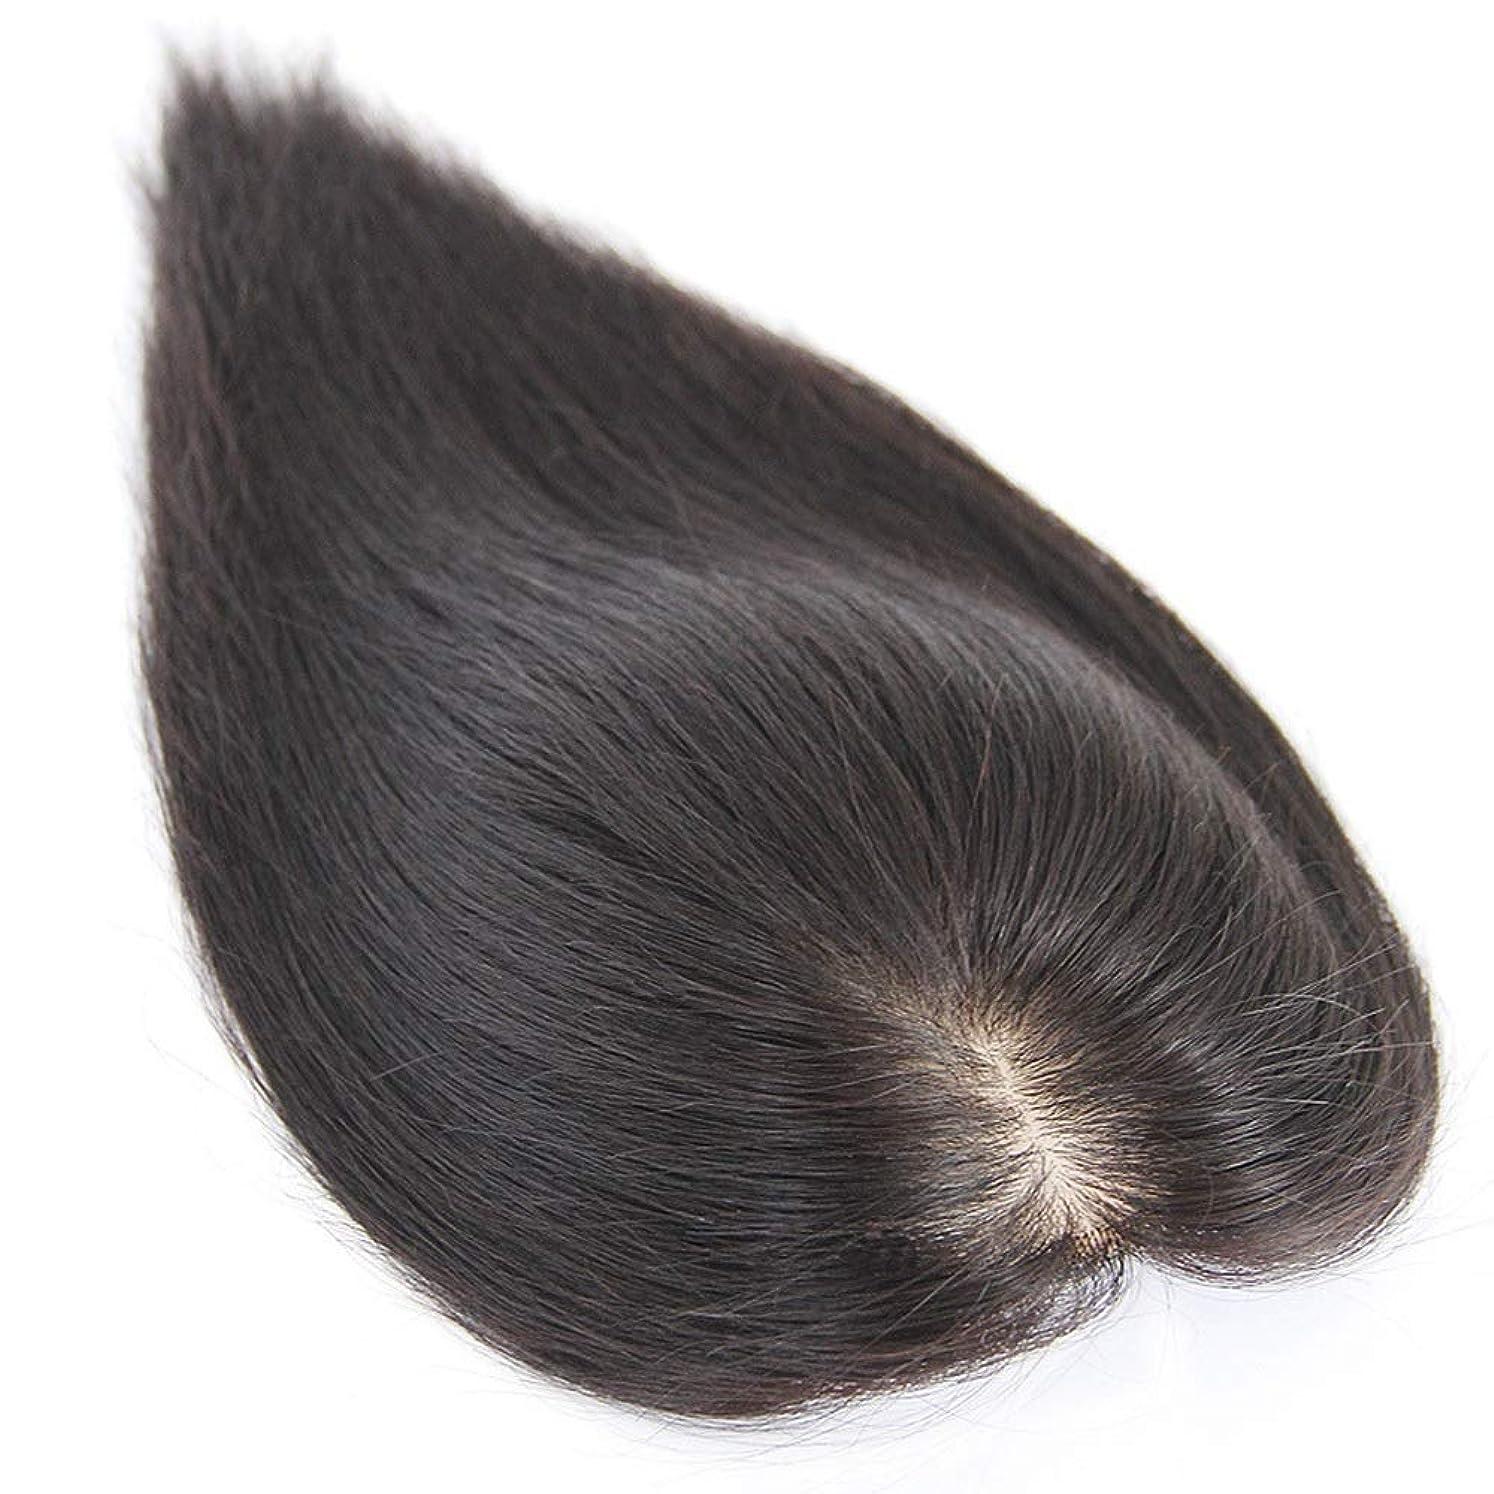 工場意味する羨望YESONEEP 女性のための本物の髪のダブルハンドニードルクリップは、白髪を増やす毛量ウィッグパーティーかつらをカバー (色 : Dark brown, サイズ : [13x14] 20cm)